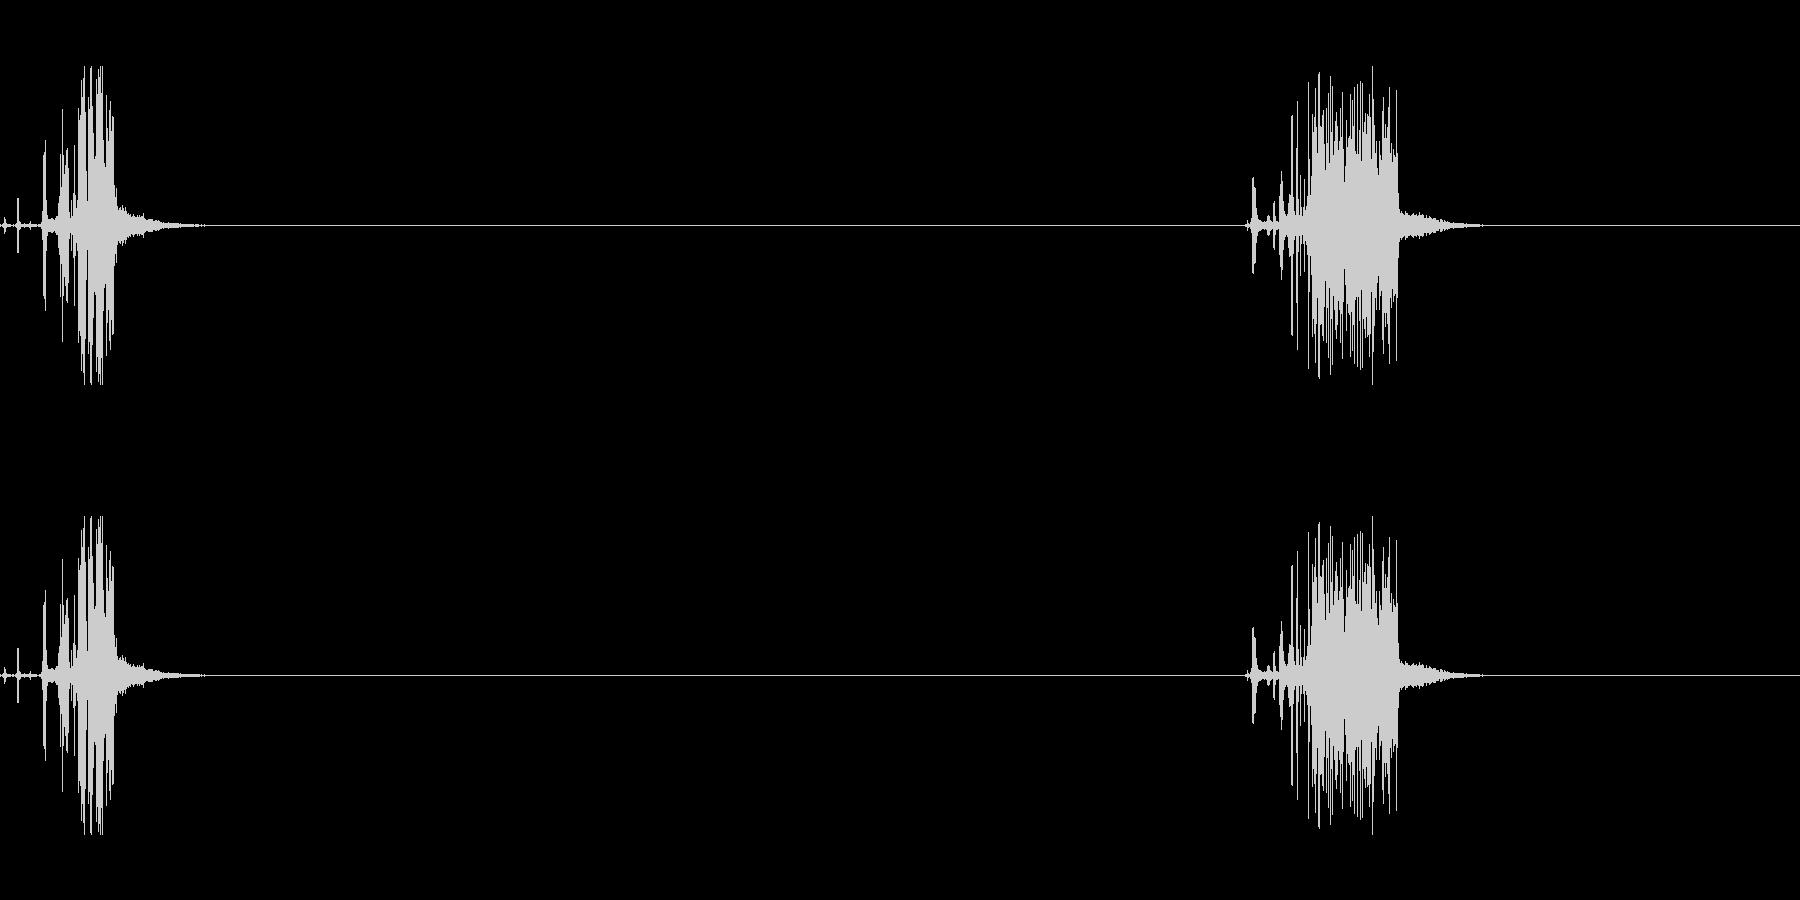 金属スクレイプセメントショートハードの未再生の波形